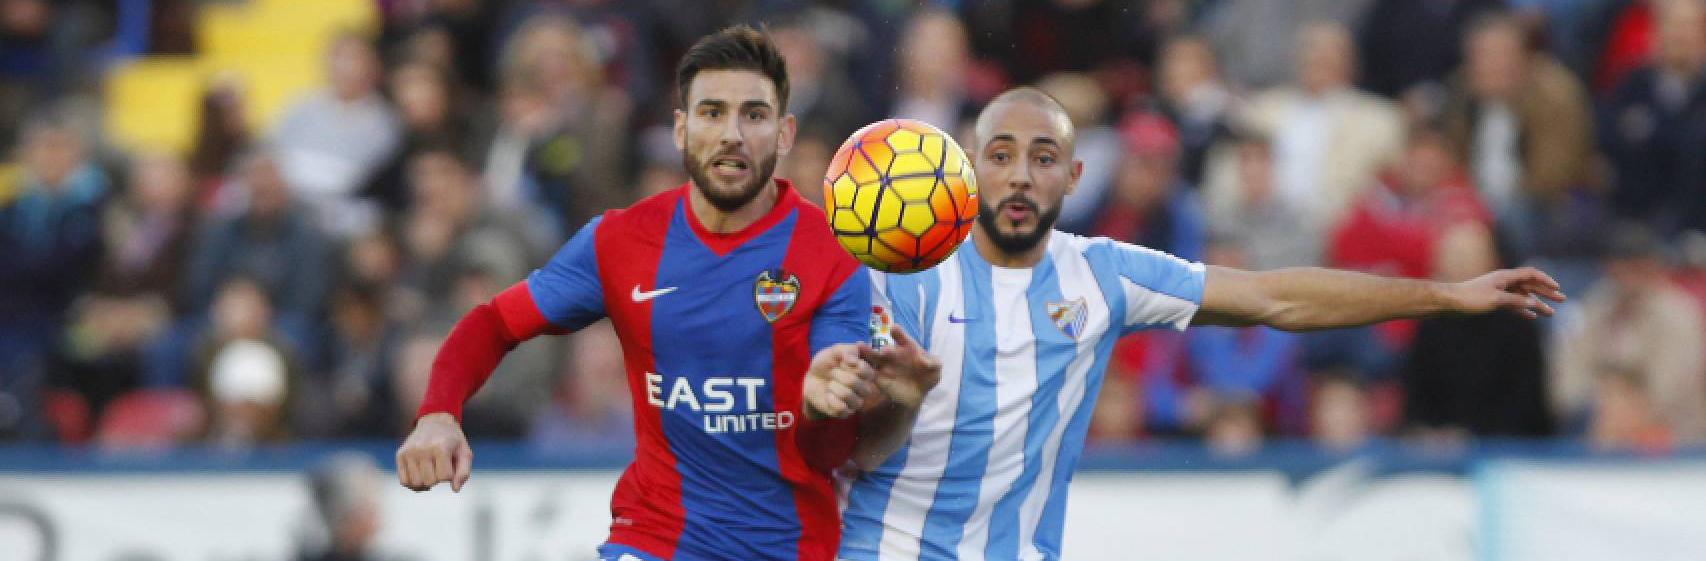 Nikos Karabelas pugna por un balón con Amrabat esta temporada en su único encuentro liguero con el Levante (ElDesmarque)